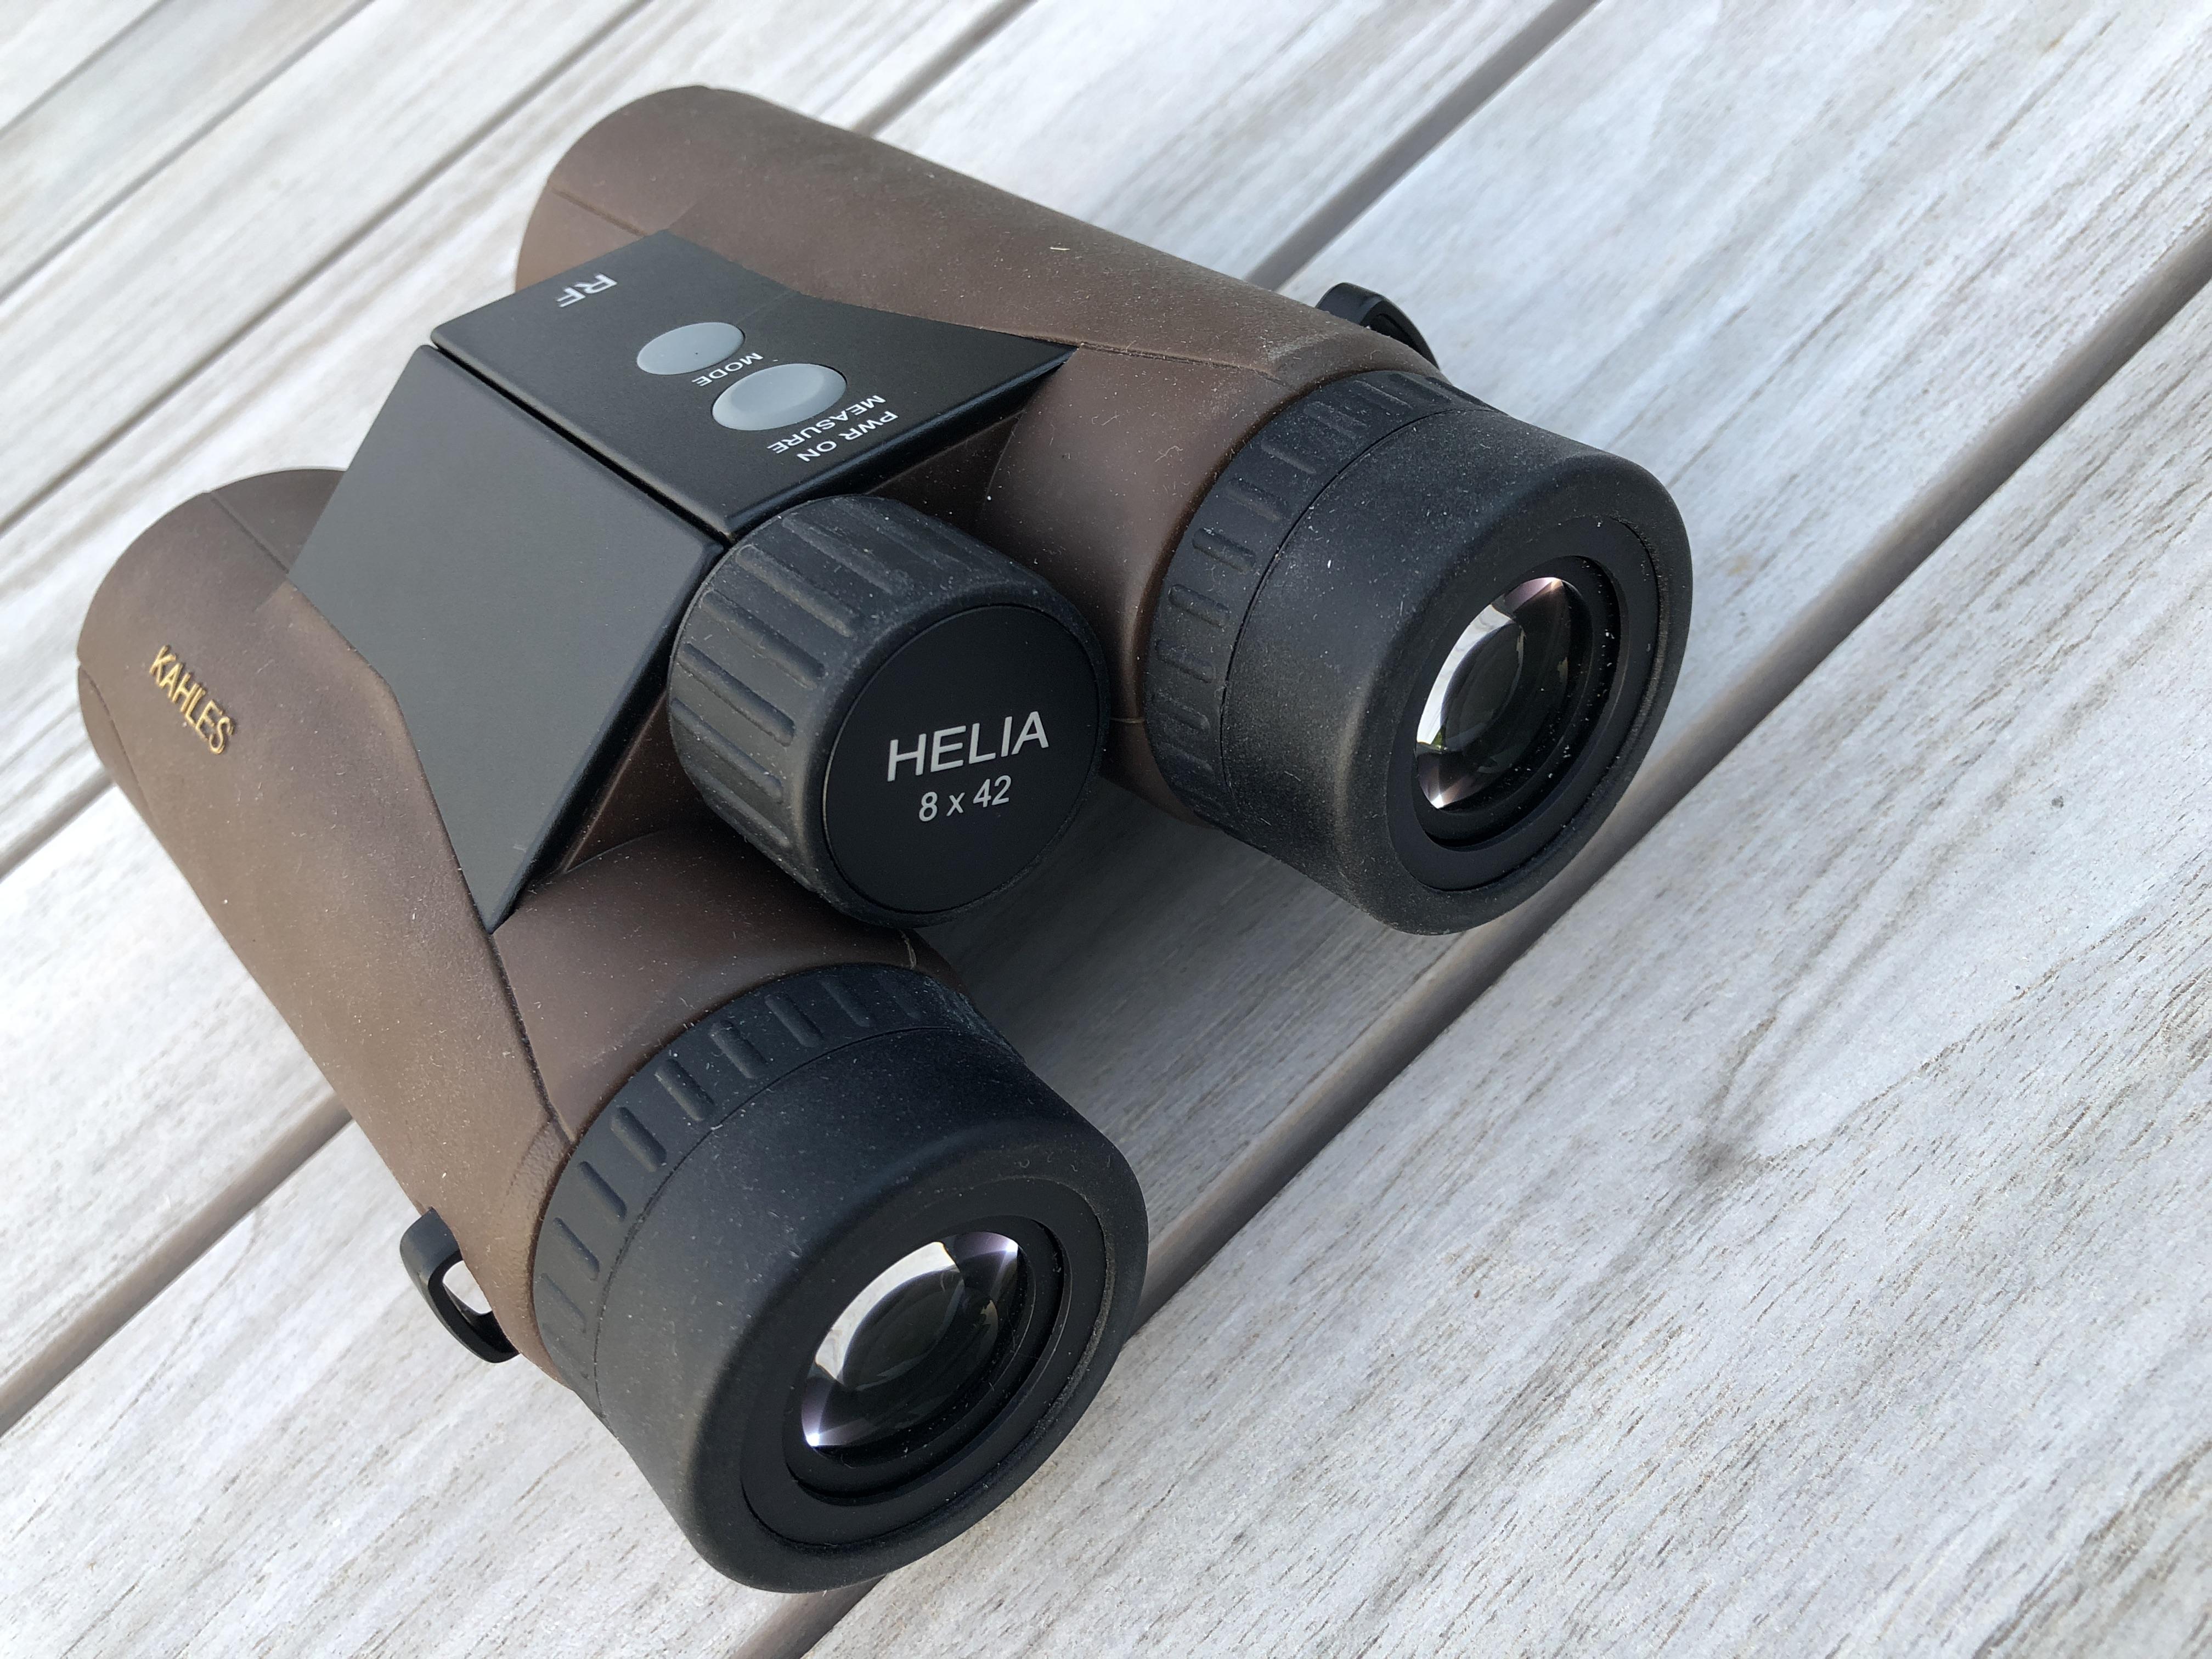 Kahles Fernglas Mit Entfernungsmesser Test : Kahles fernglas mit entfernungsmesser preis testbericht zum